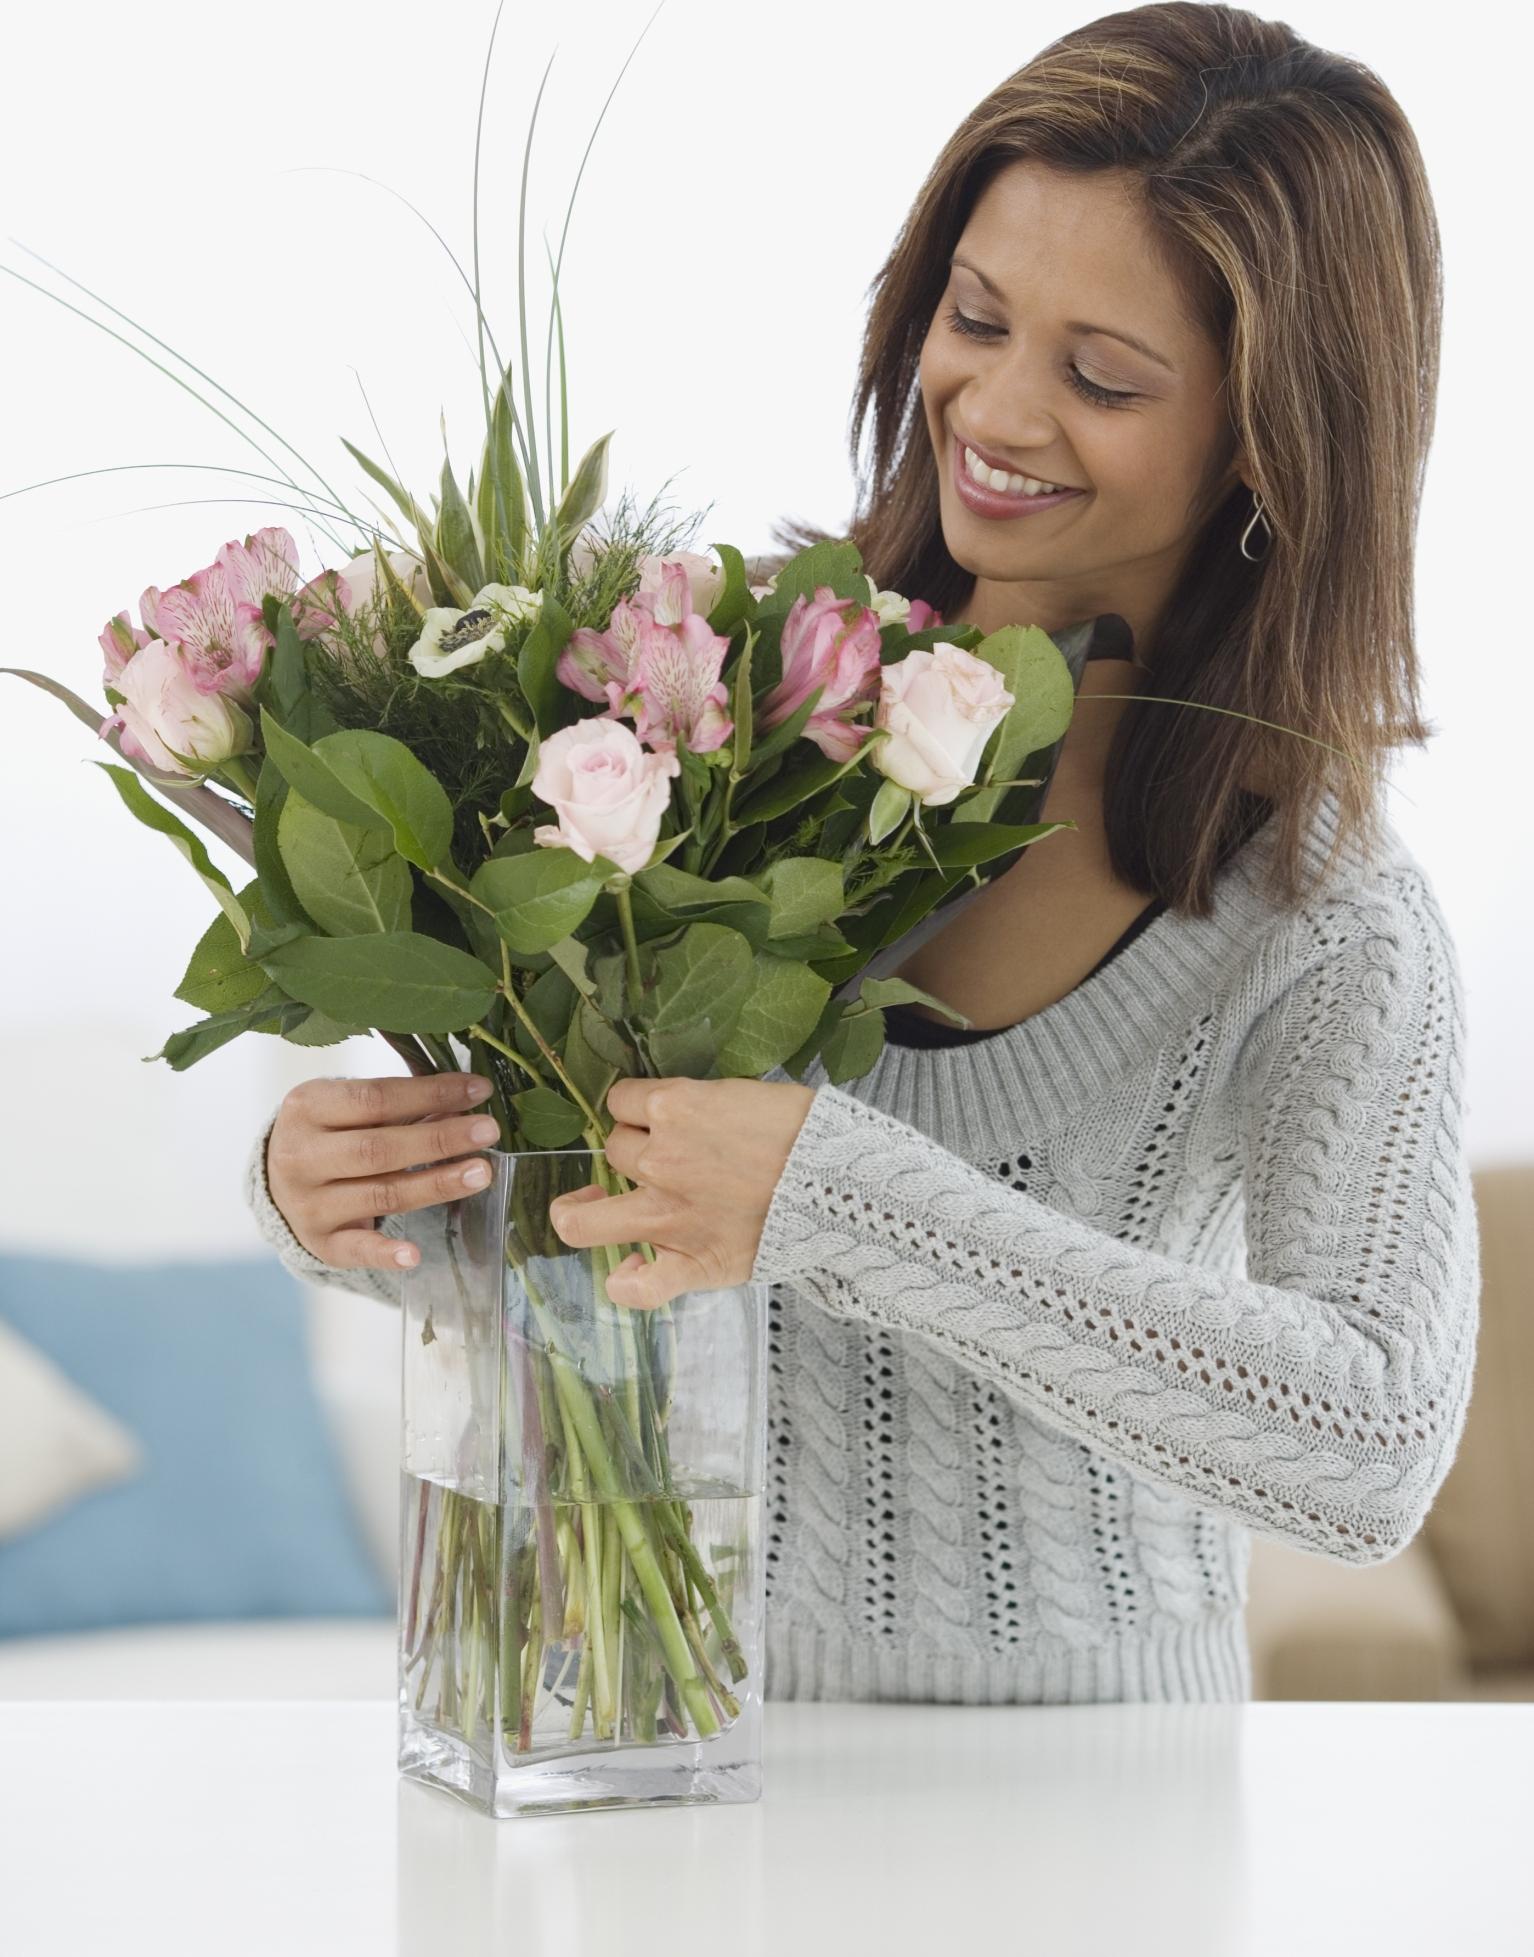 Consejos para decorar tu hogar en esta primavera univision for Consejos para decorar tu hogar